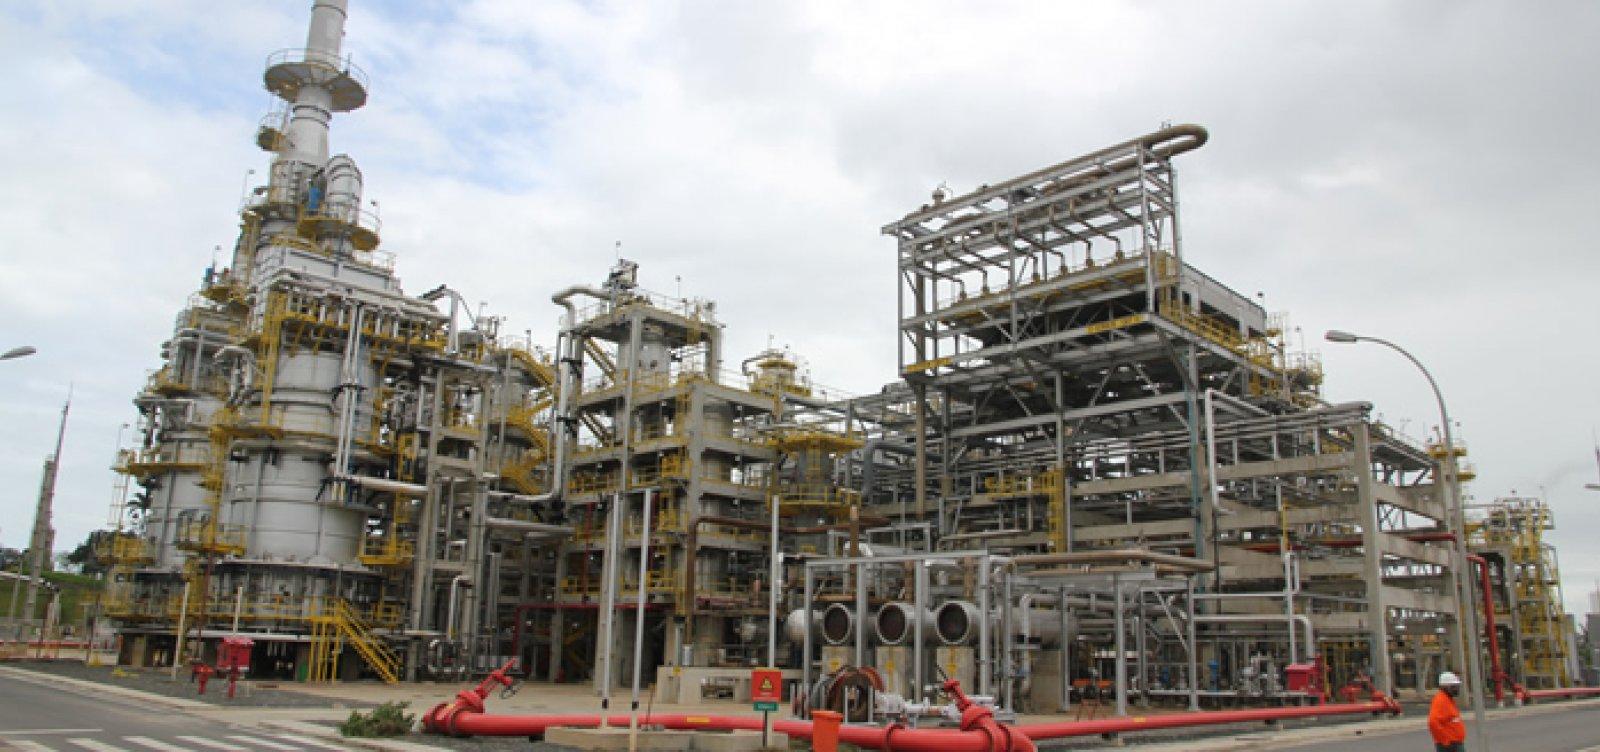 Bacelar exige explicações de ministro de Minas e Energia sobre fechamento de campos da Petrobrás